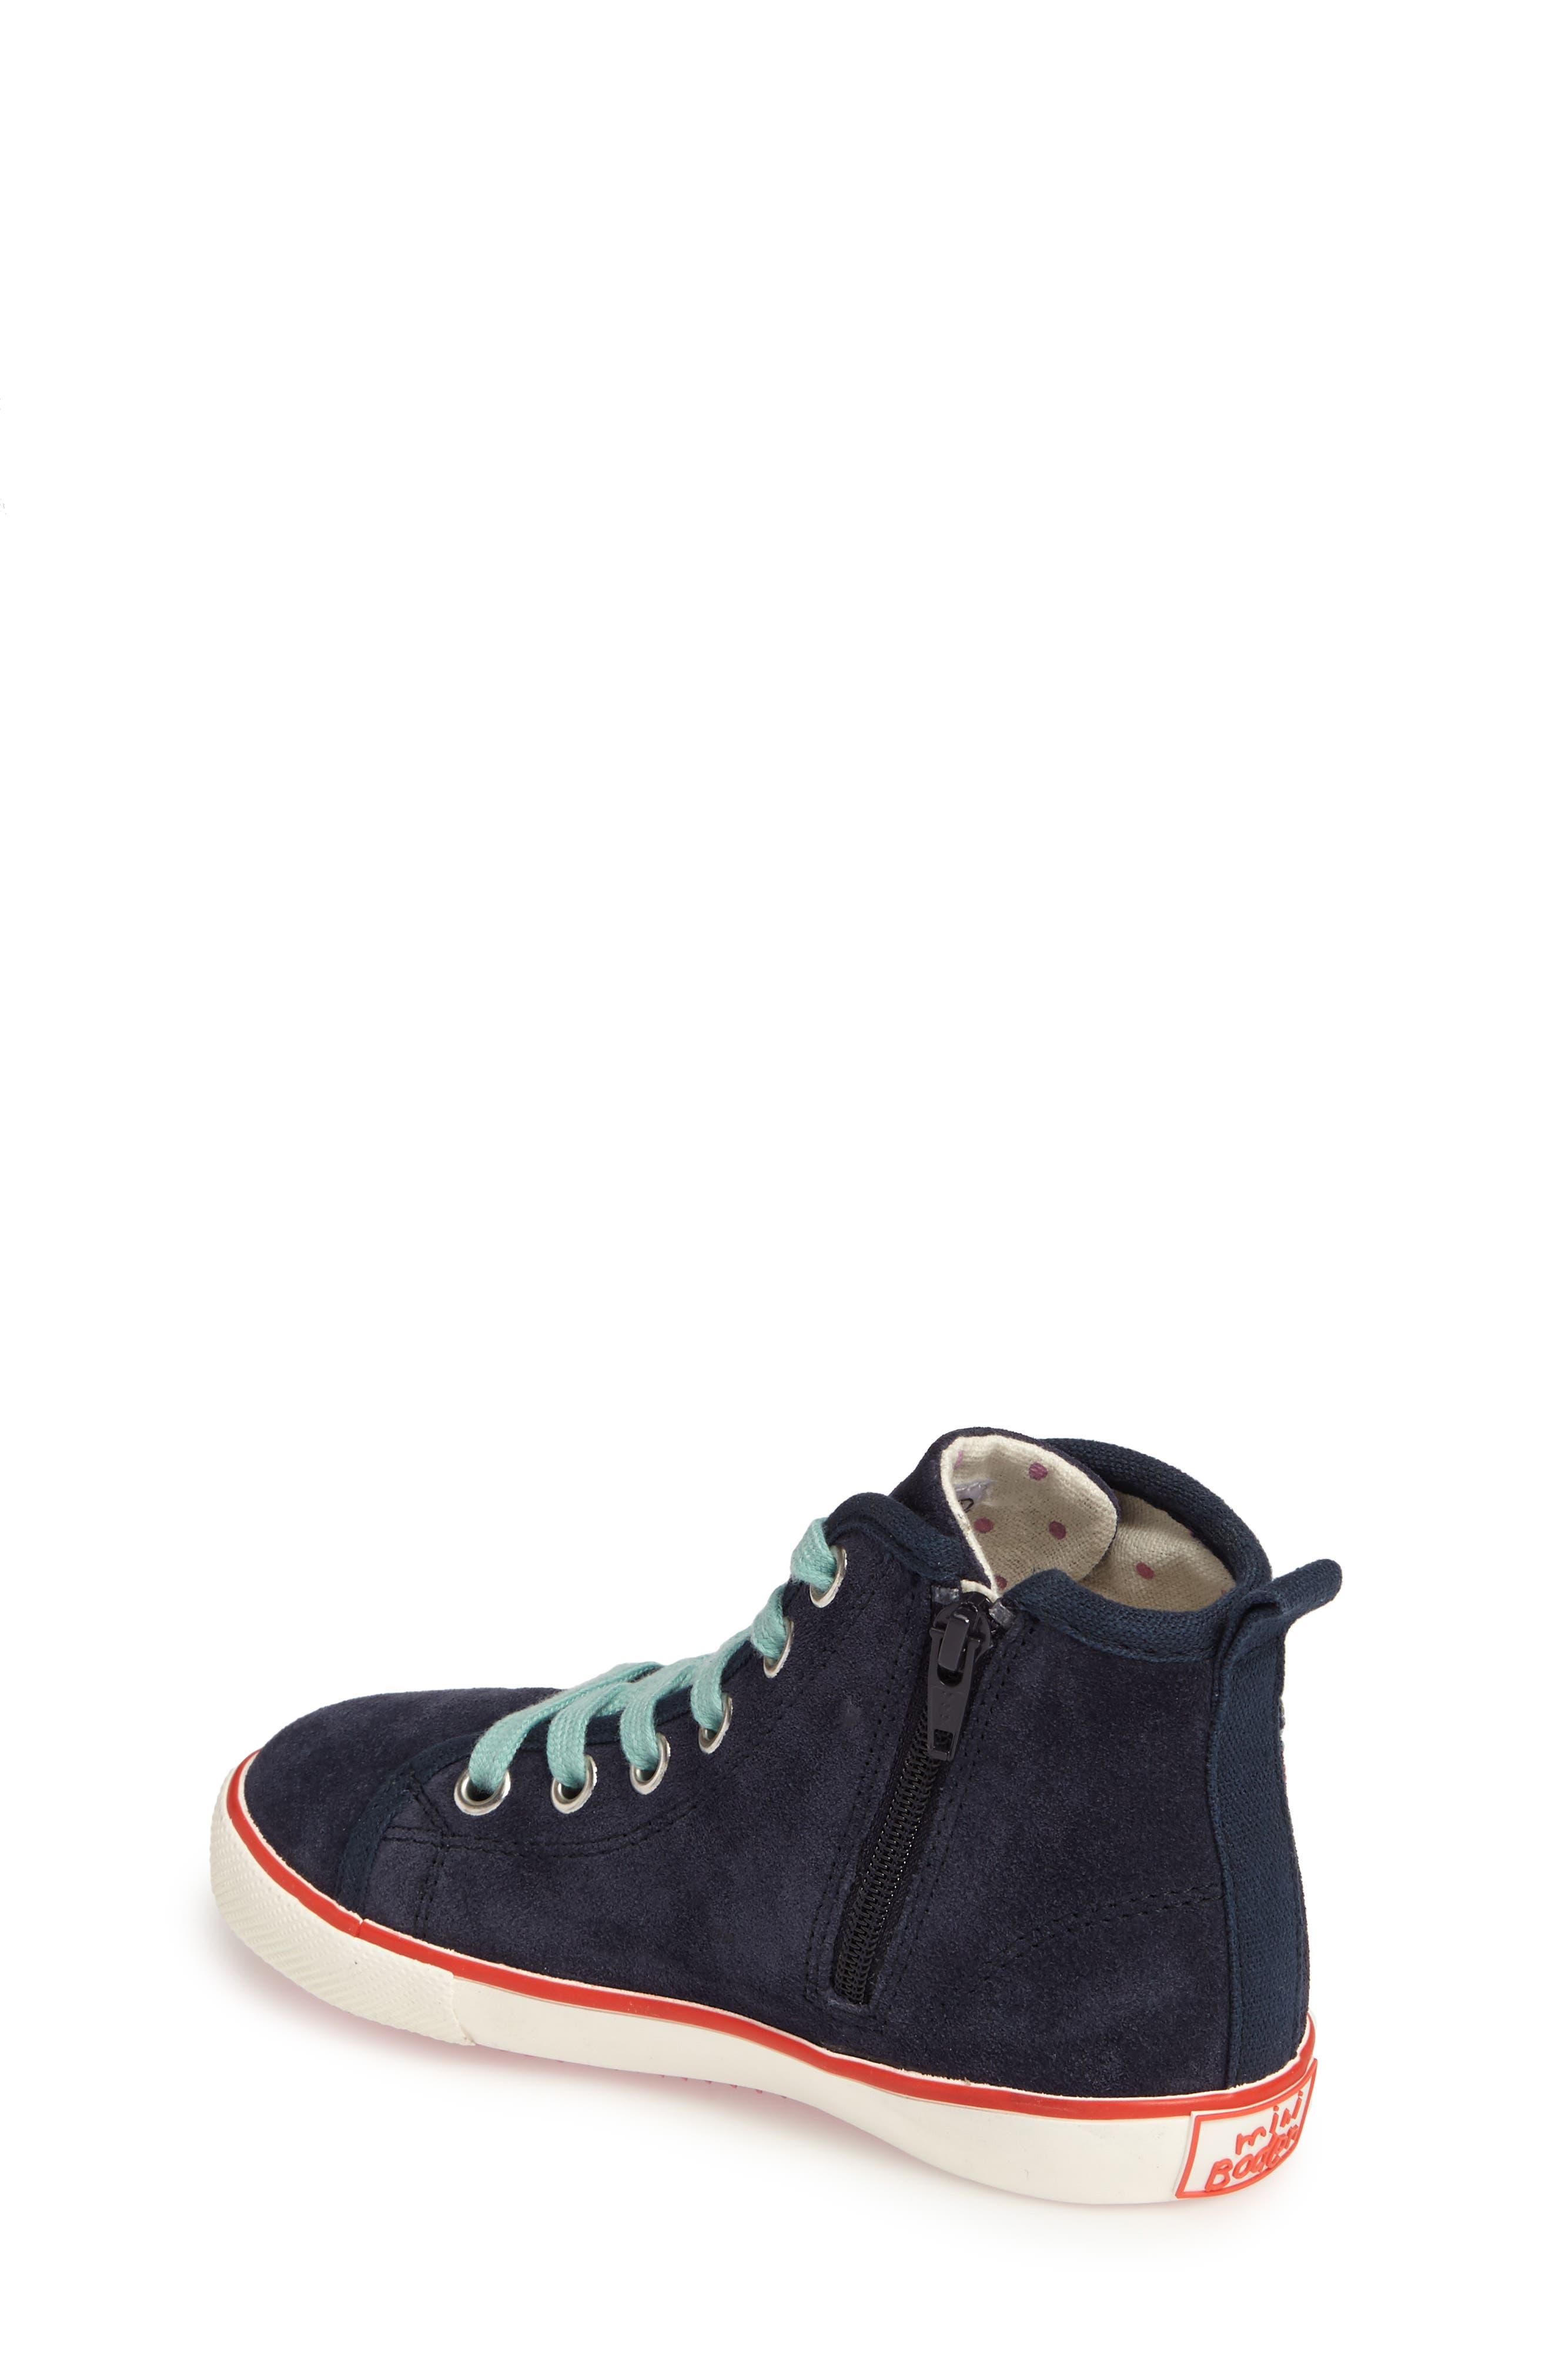 Alternate Image 2  - Mini Boden Embellished High Top Sneaker (Toddler, Little Kid & Big Kid)